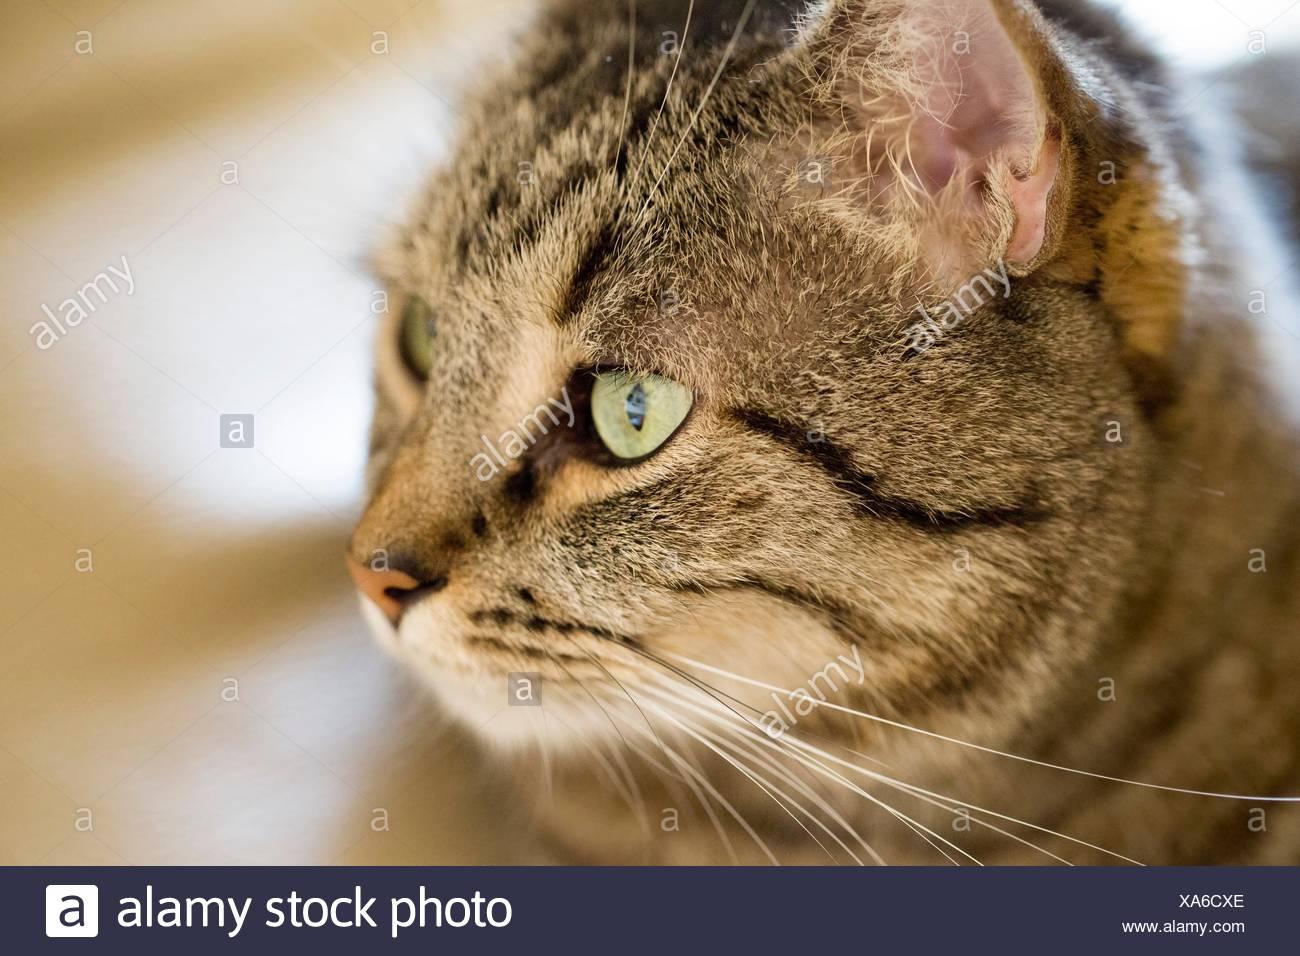 Profil-Nahaufnahme von Tabby Katze mit grünen Augen Stockbild